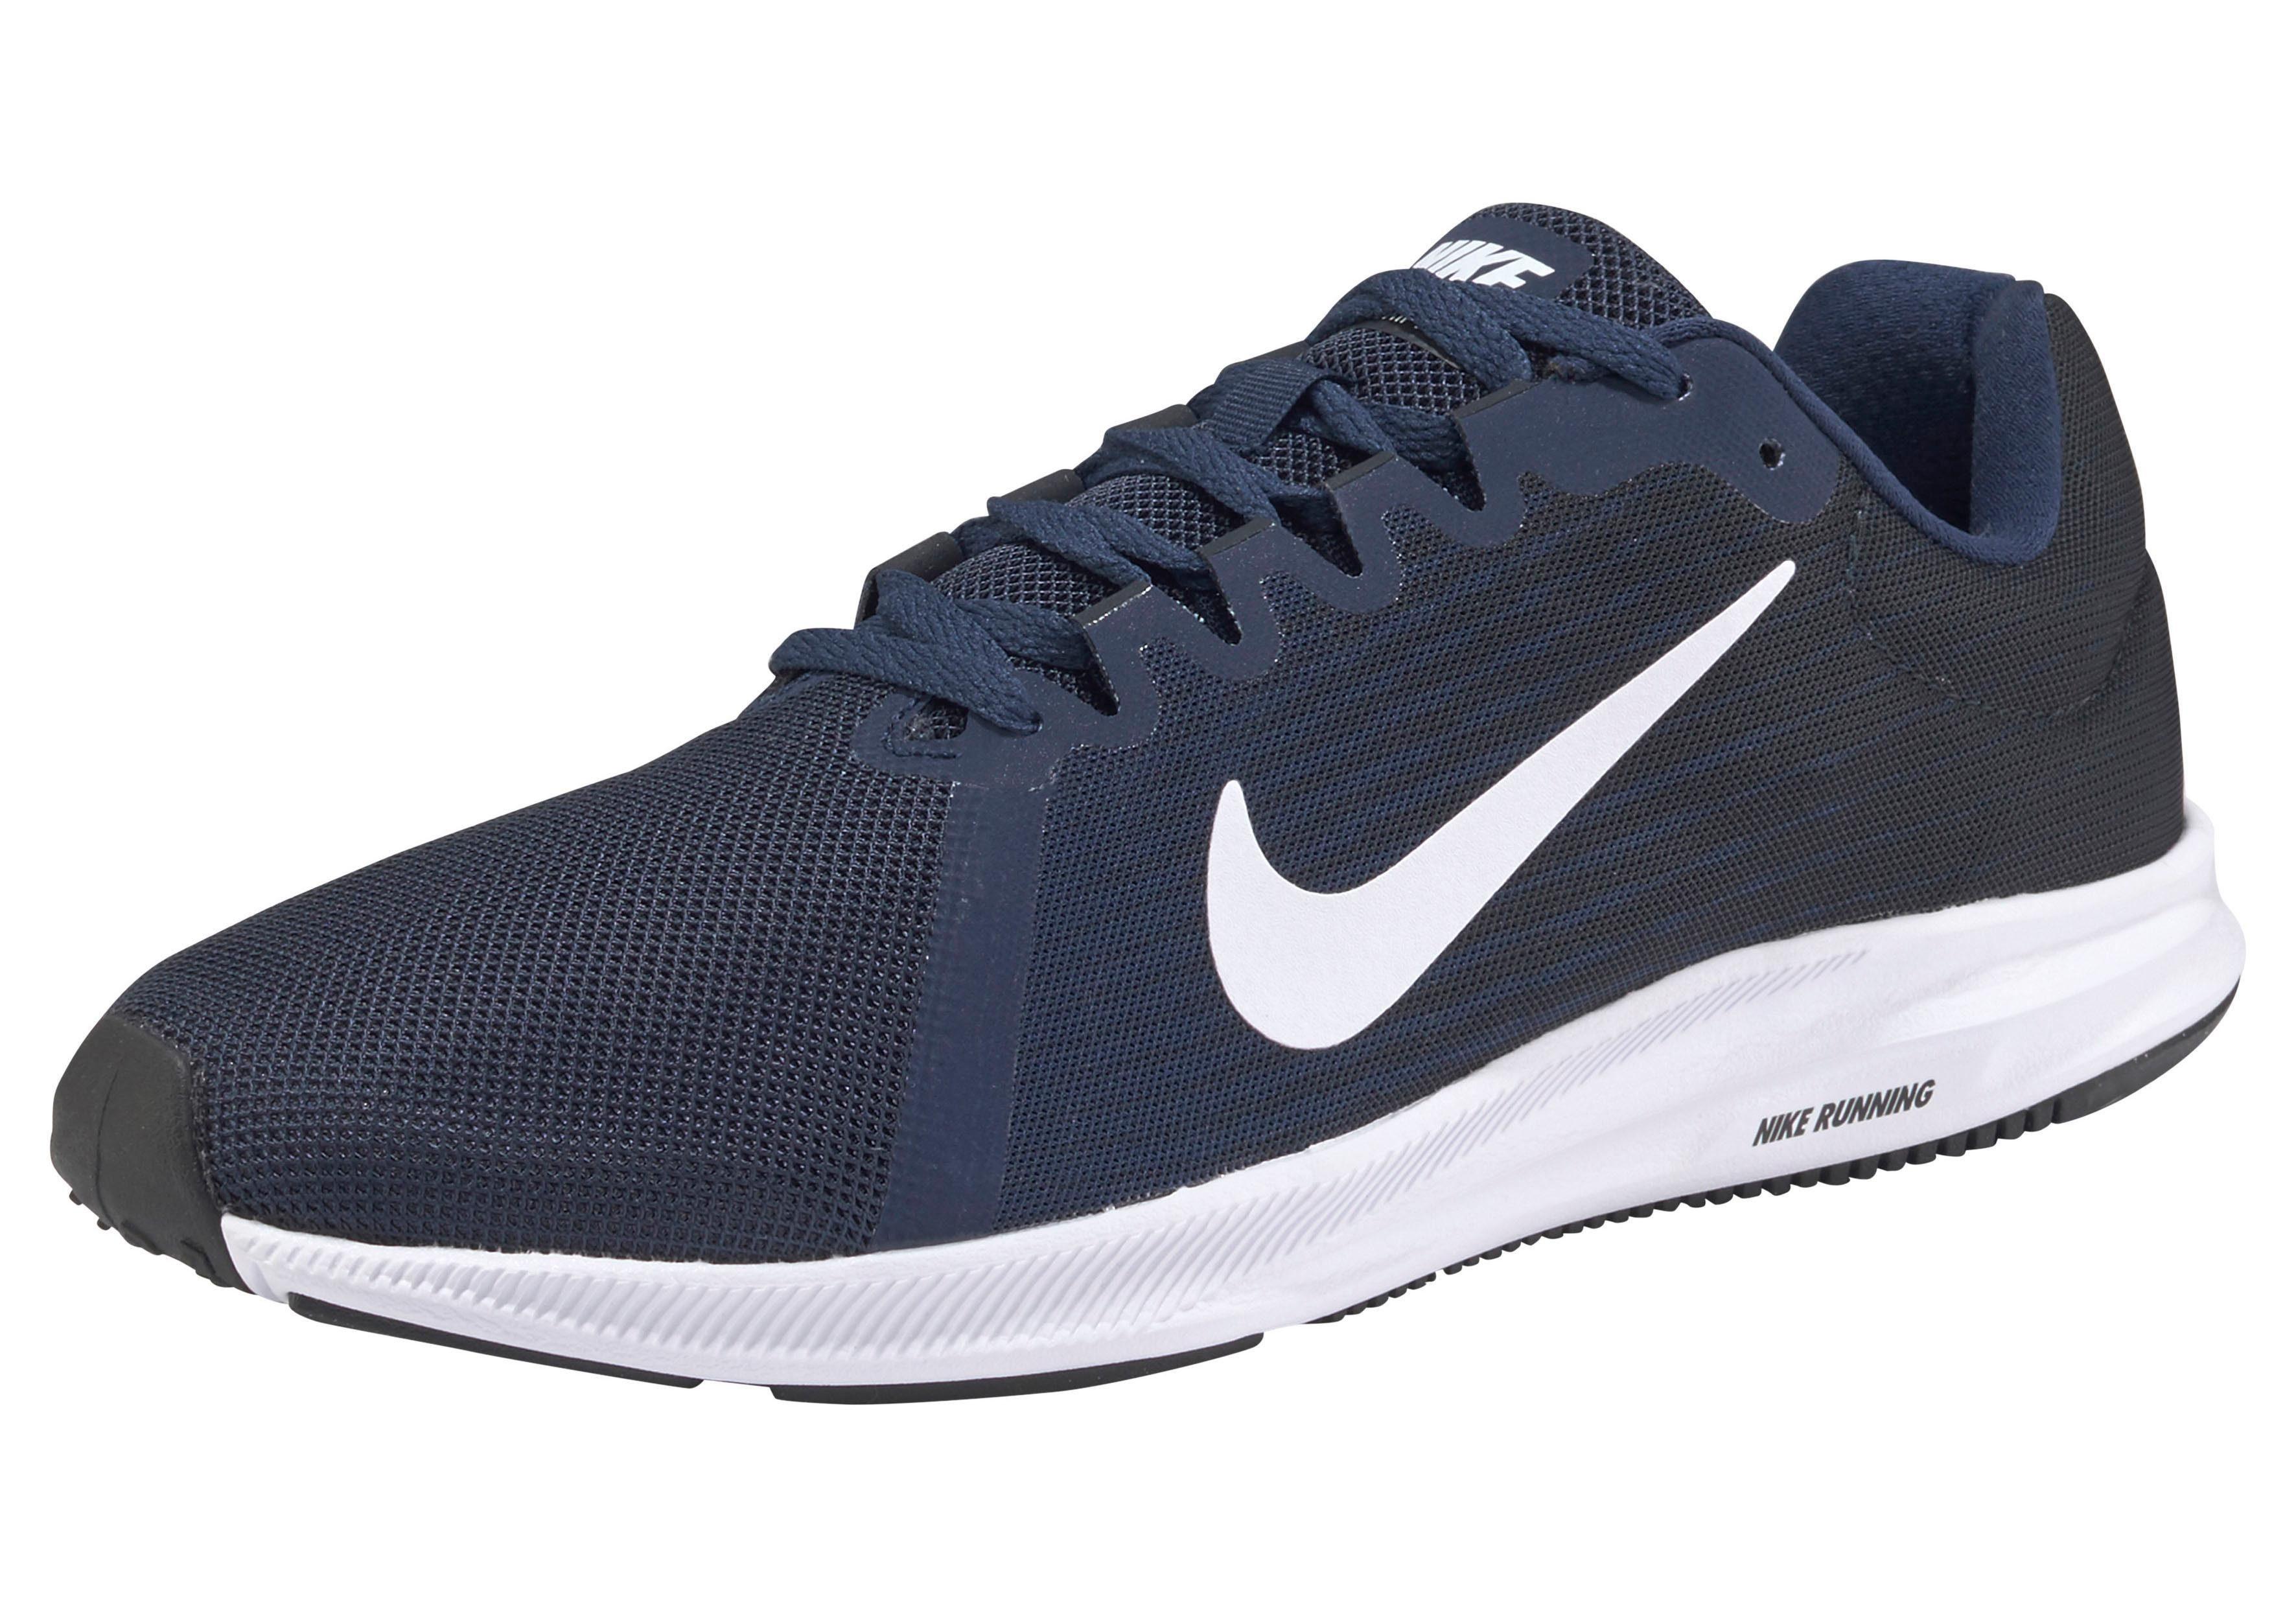 Nike »Downshifter 9« Laufschuh online kaufen | OTTO